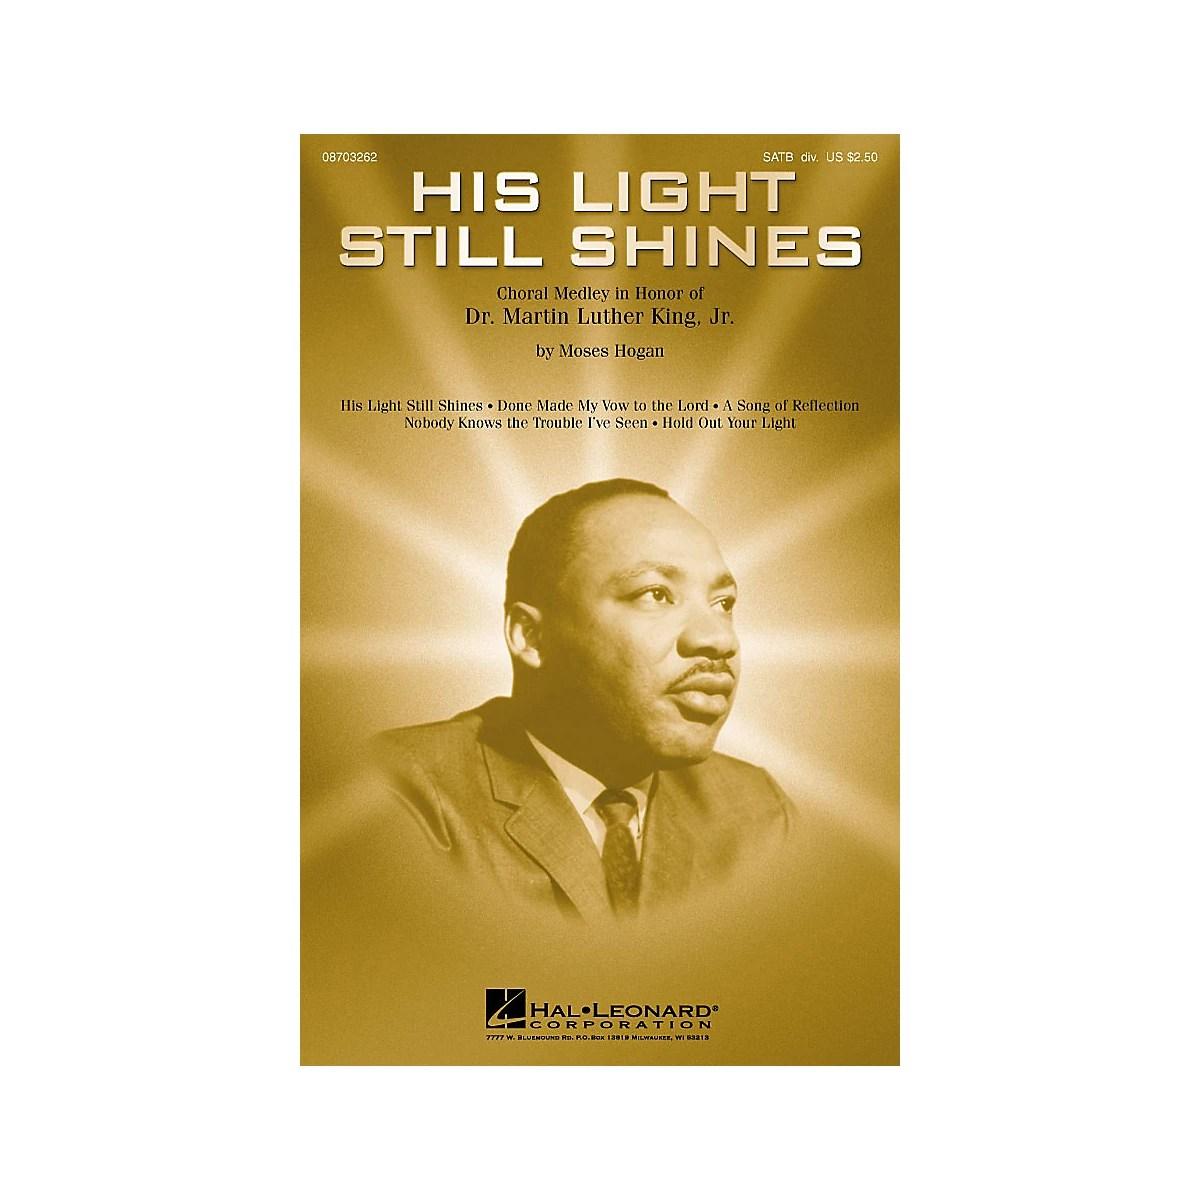 Hal Leonard His Light Still Shines Medley In Honor Of Dr